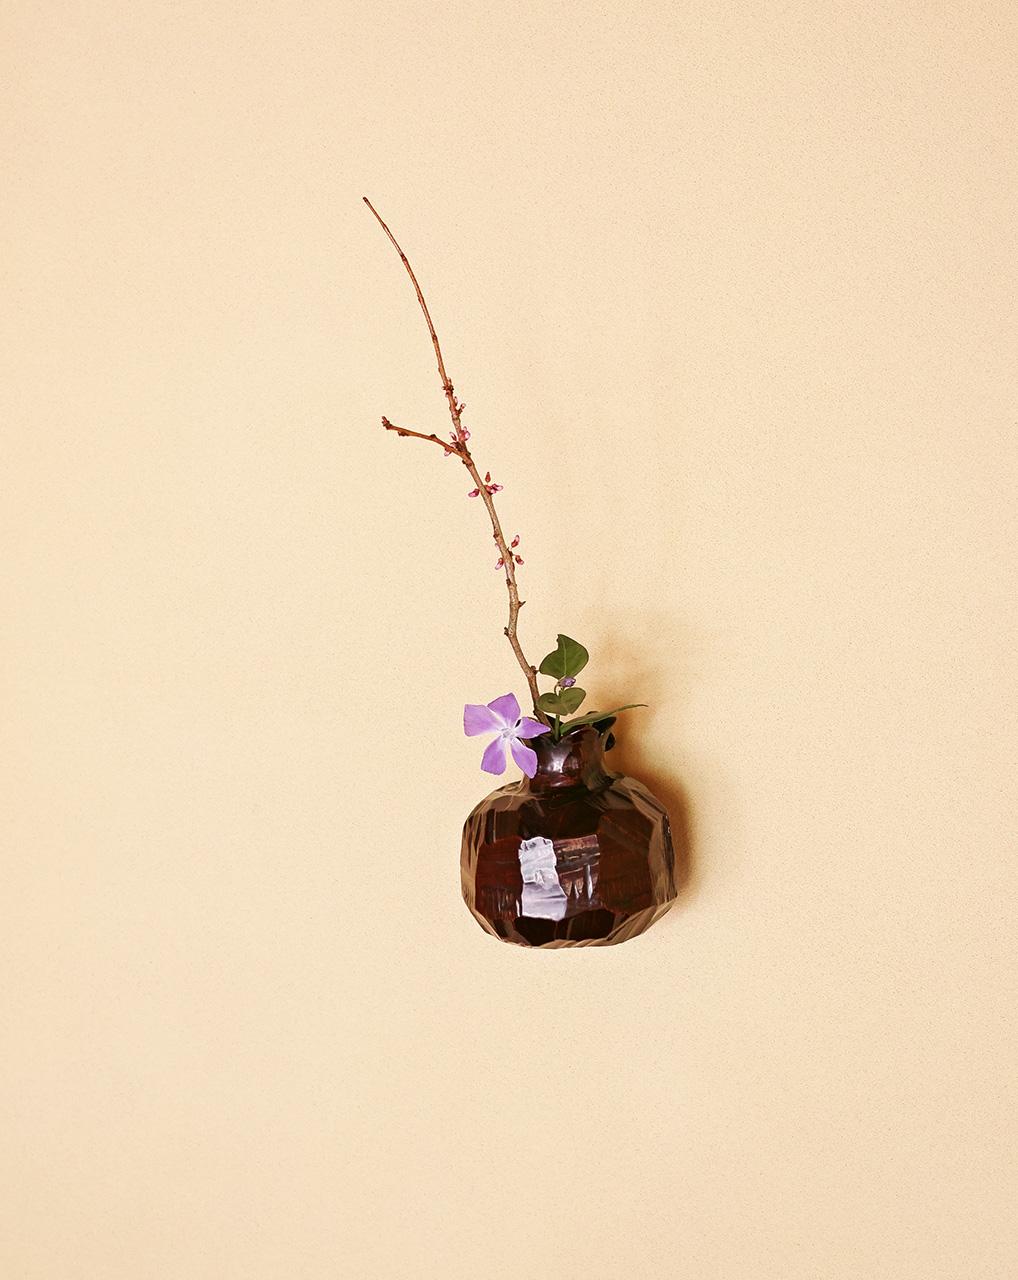 柘榴掛花(ざくろかけはな)